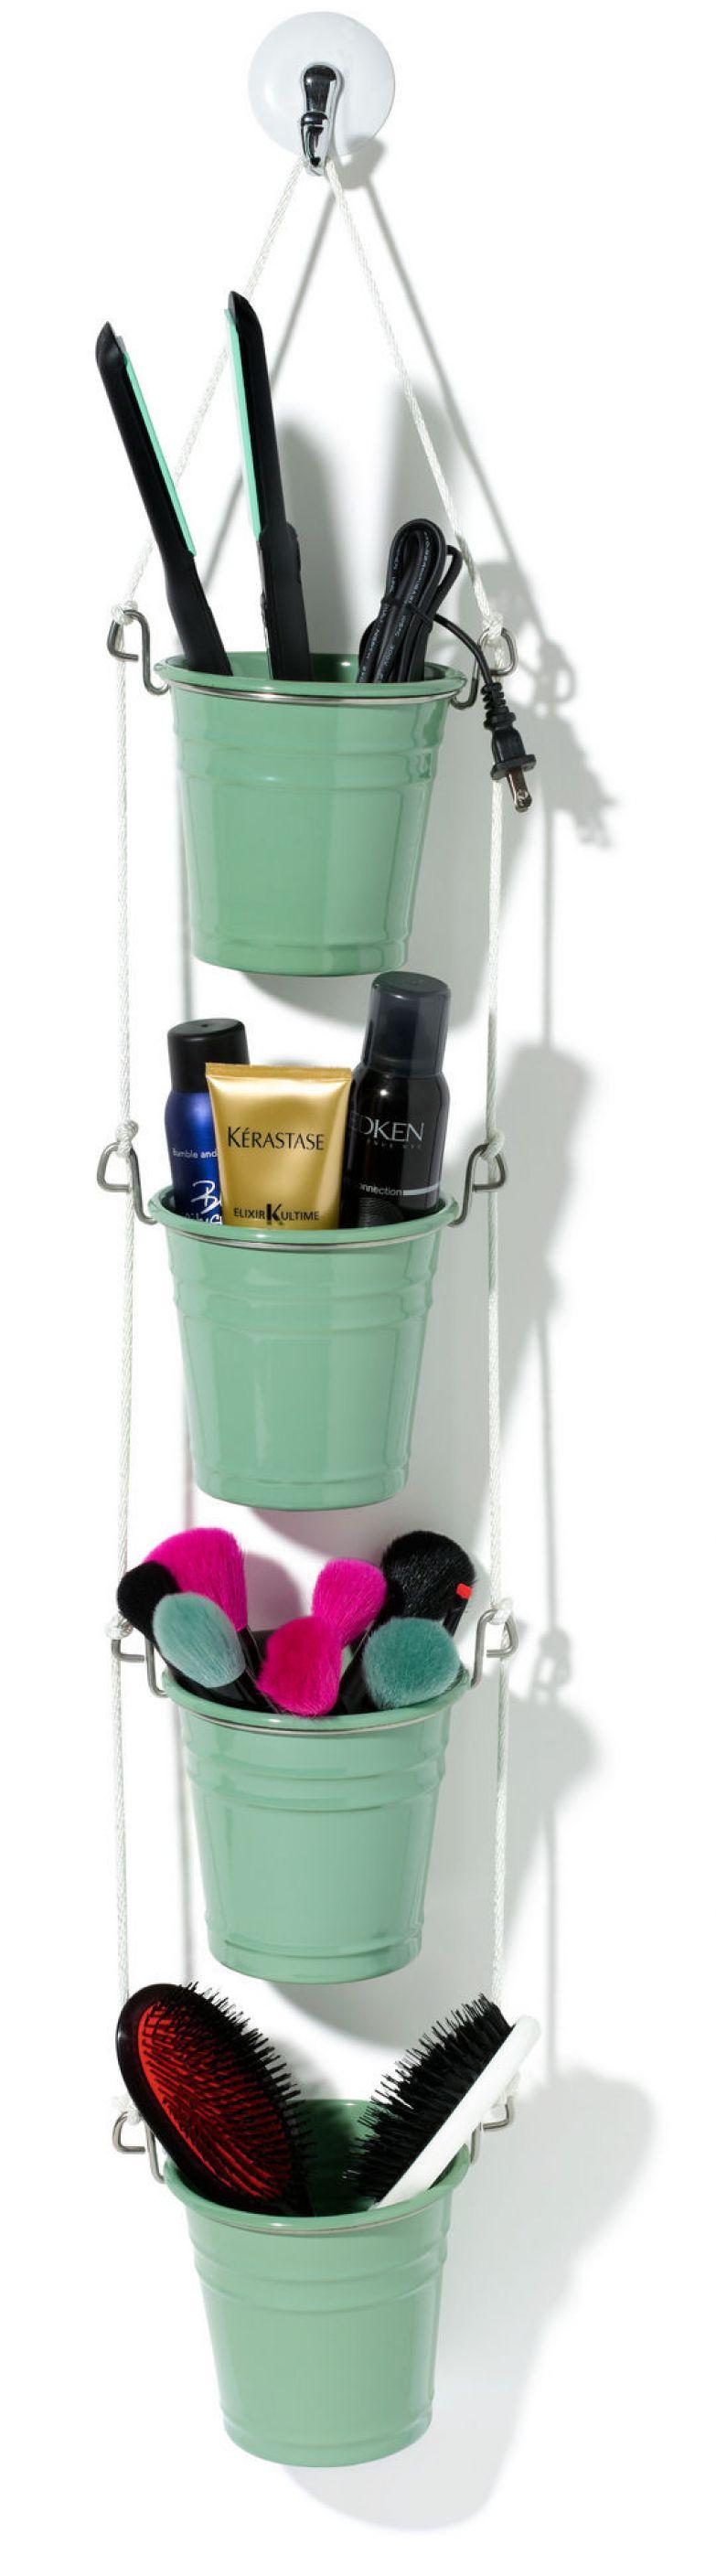 18. Или сделайте вот такой милый органайзер из цветочных горшков. ванная комната, лайфхаки, уют